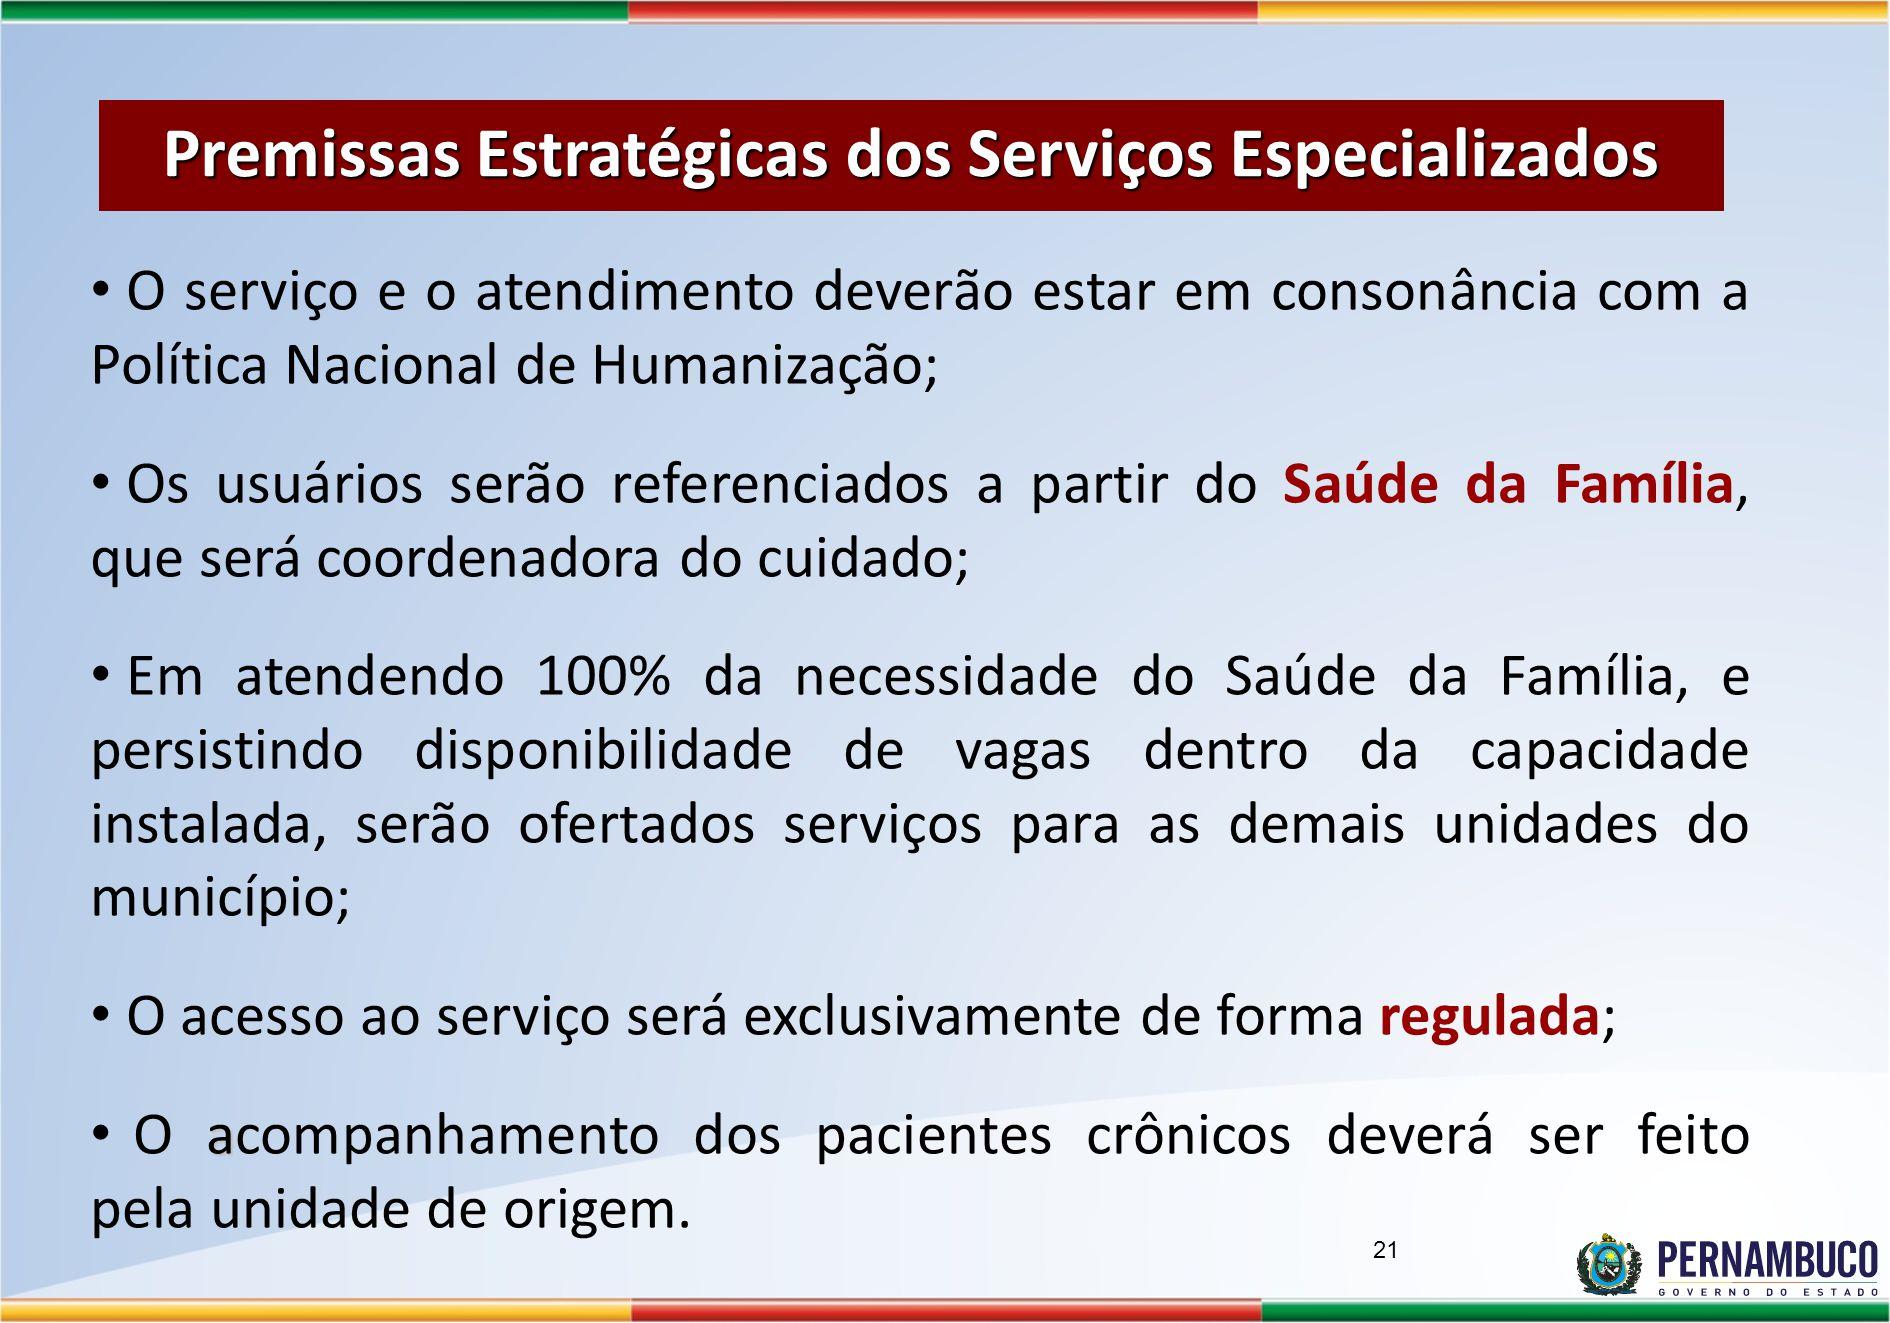 Premissas Estratégicas dos Serviços Especializados